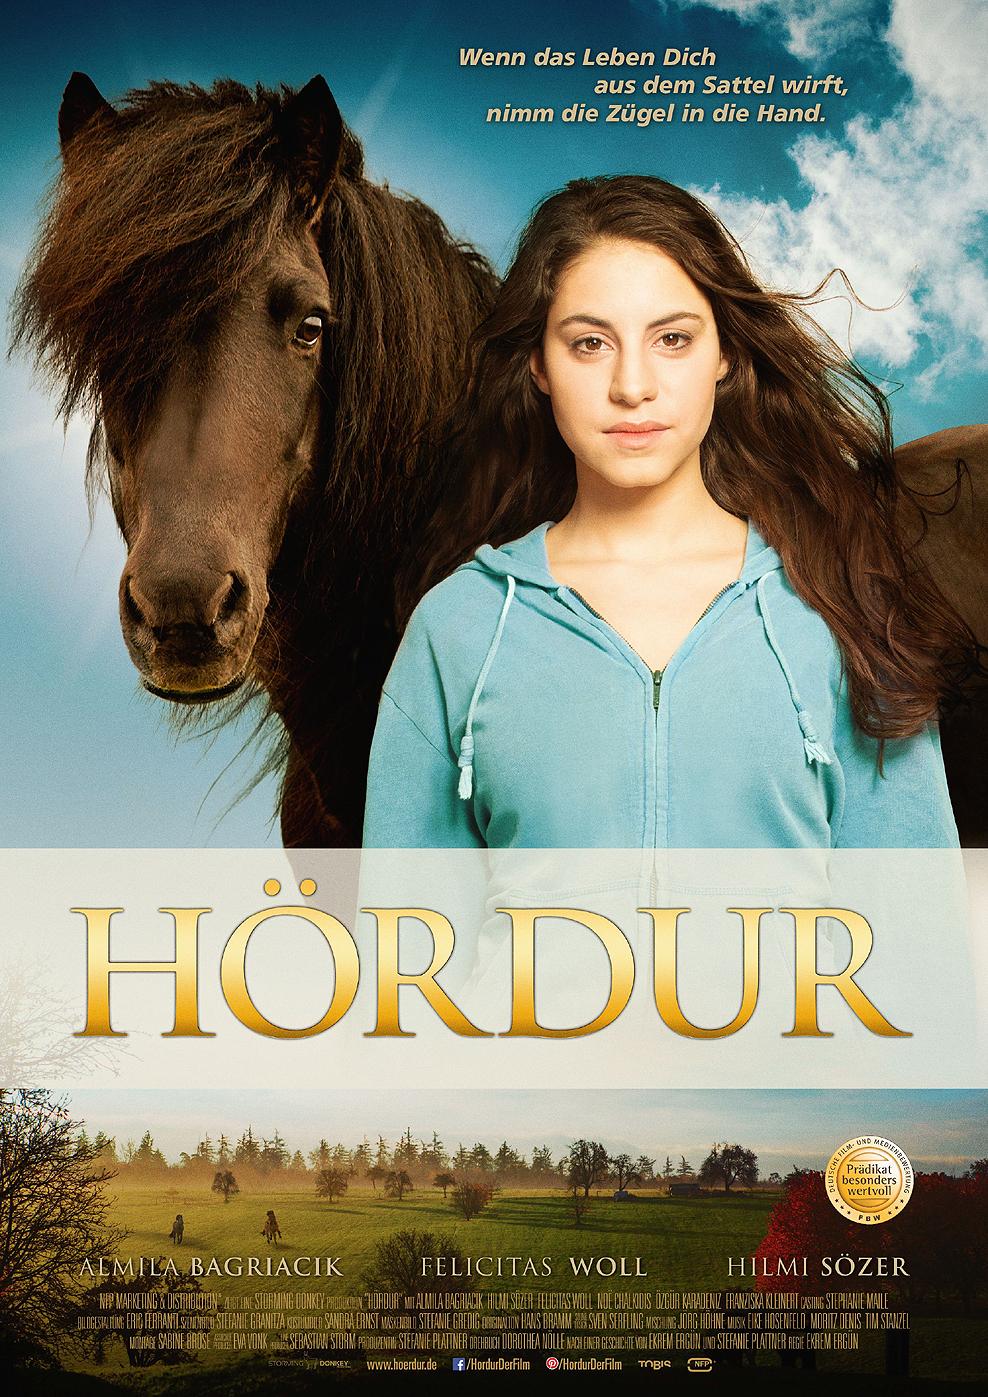 Hördur (Poster)